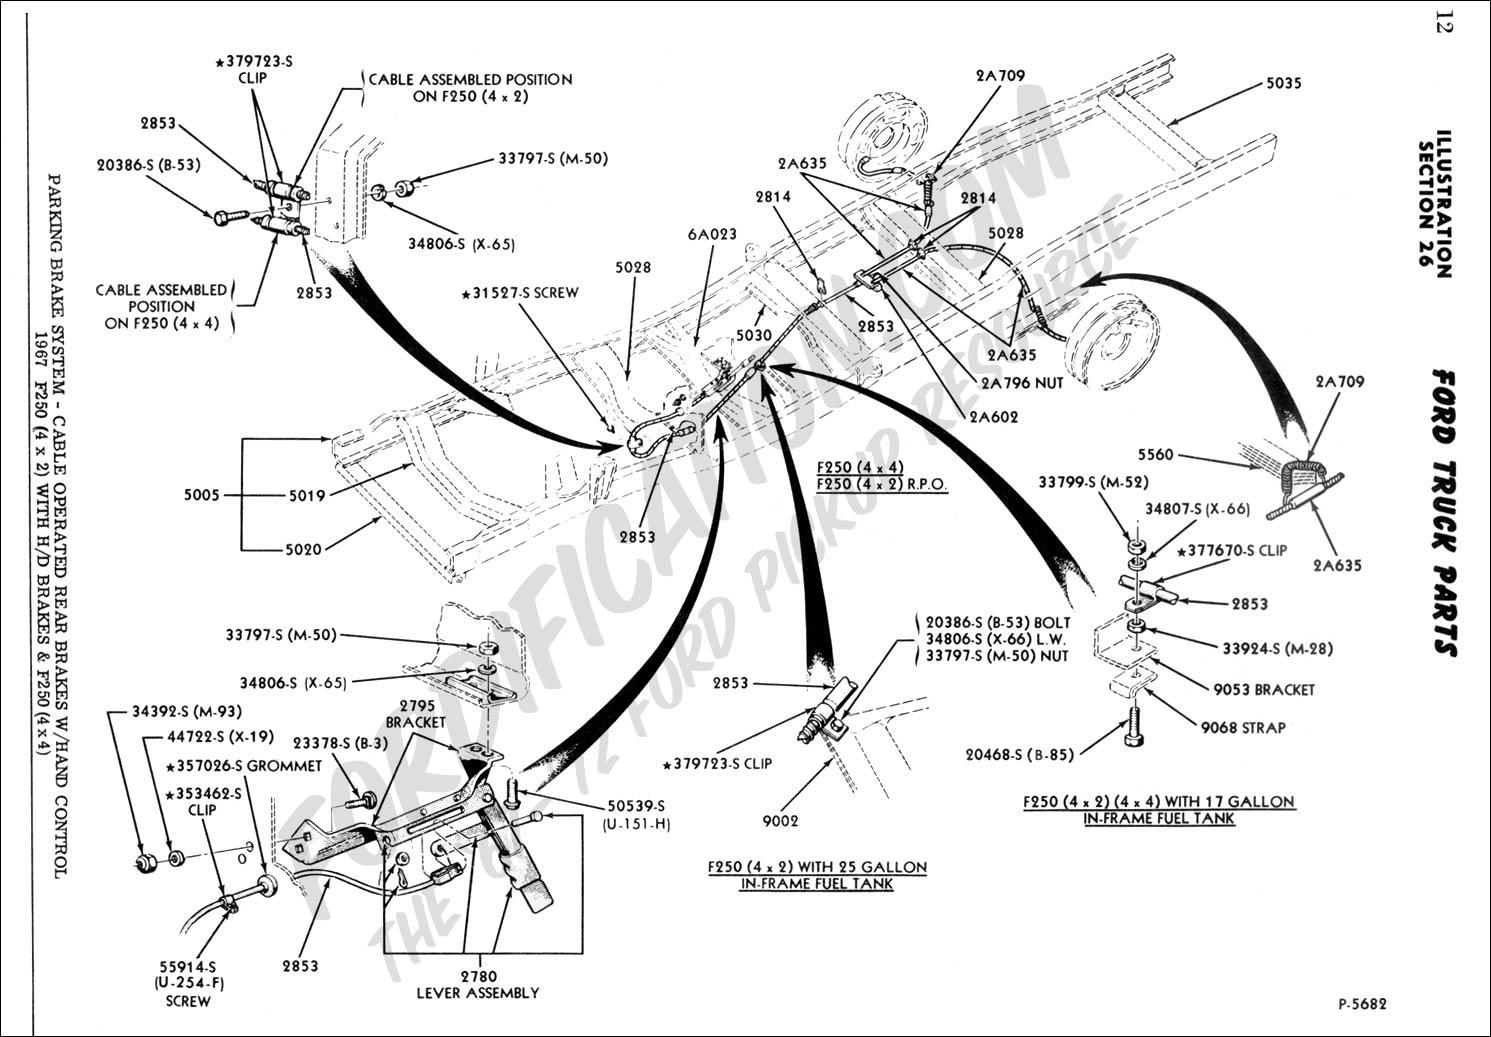 1990 ford f250 wiring diagram 2000 harley davidson road king f350 brake